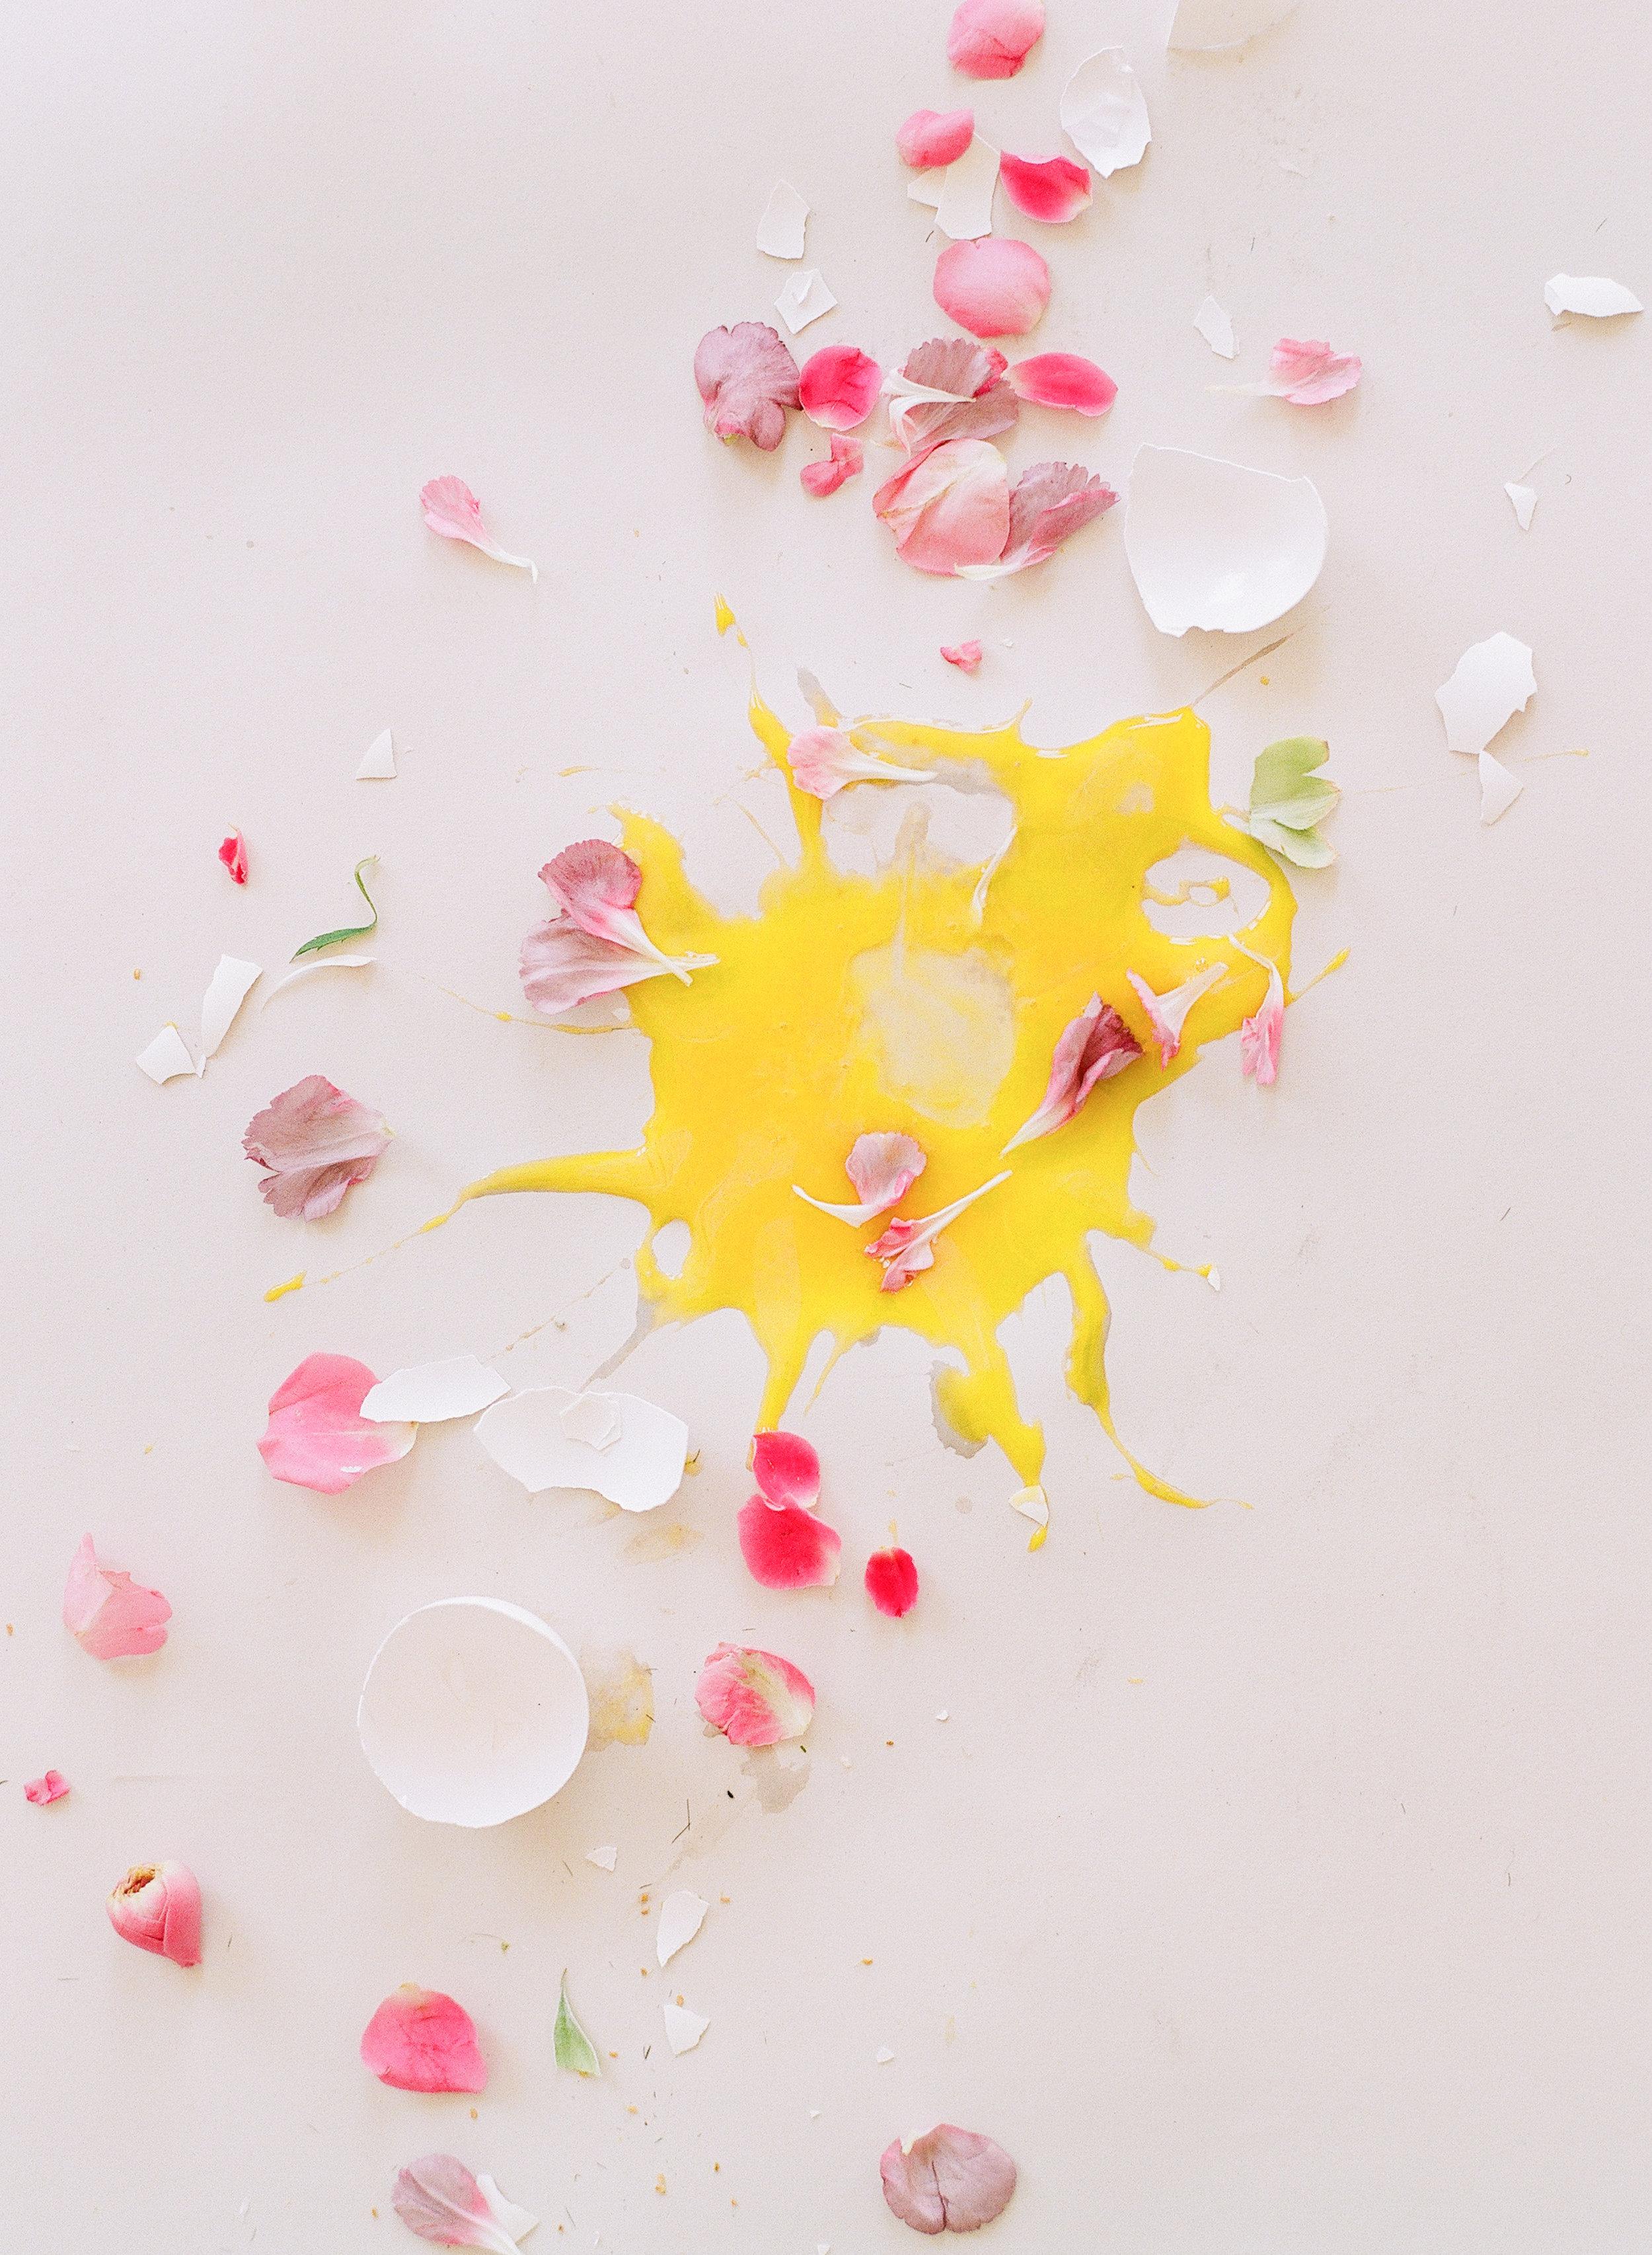 045_FriedEggs&Flowers.jpg